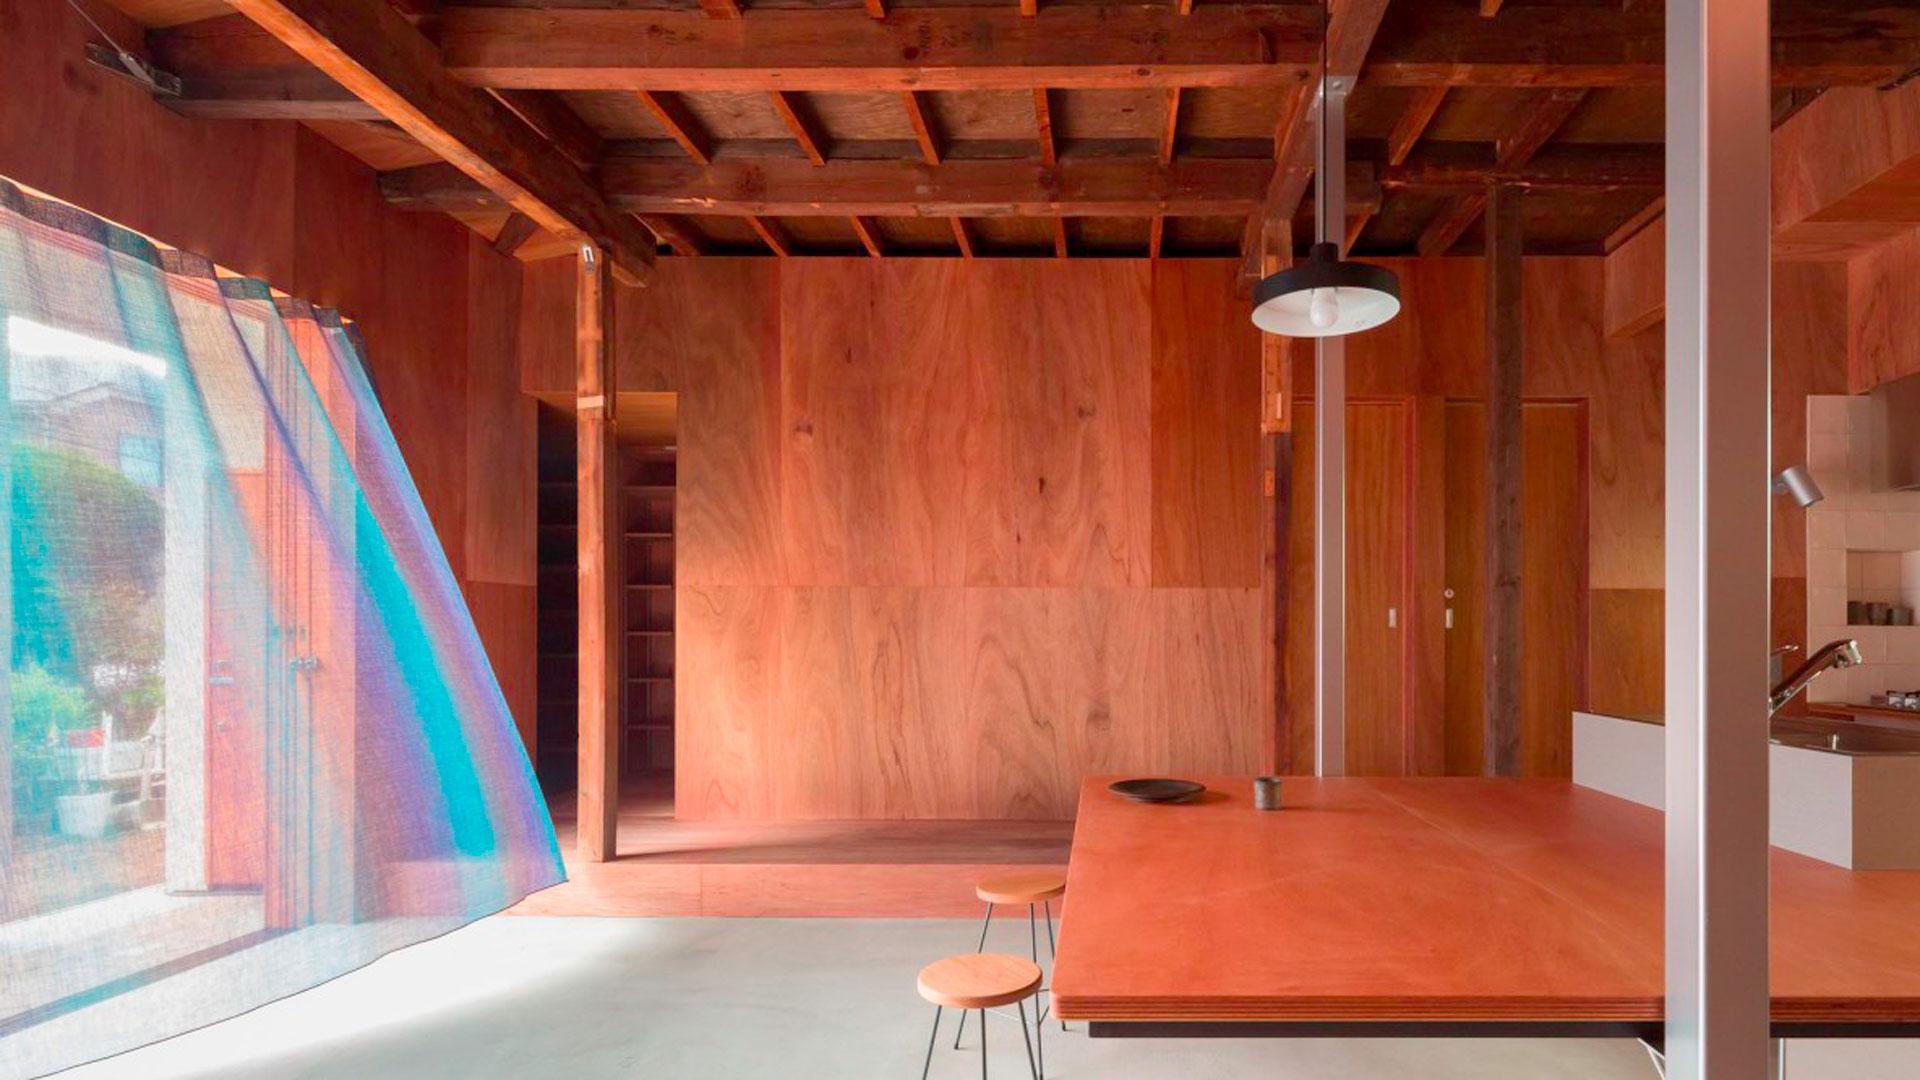 Imágenes de la vivienda rehabilitada por el estudio Atelierco Architects